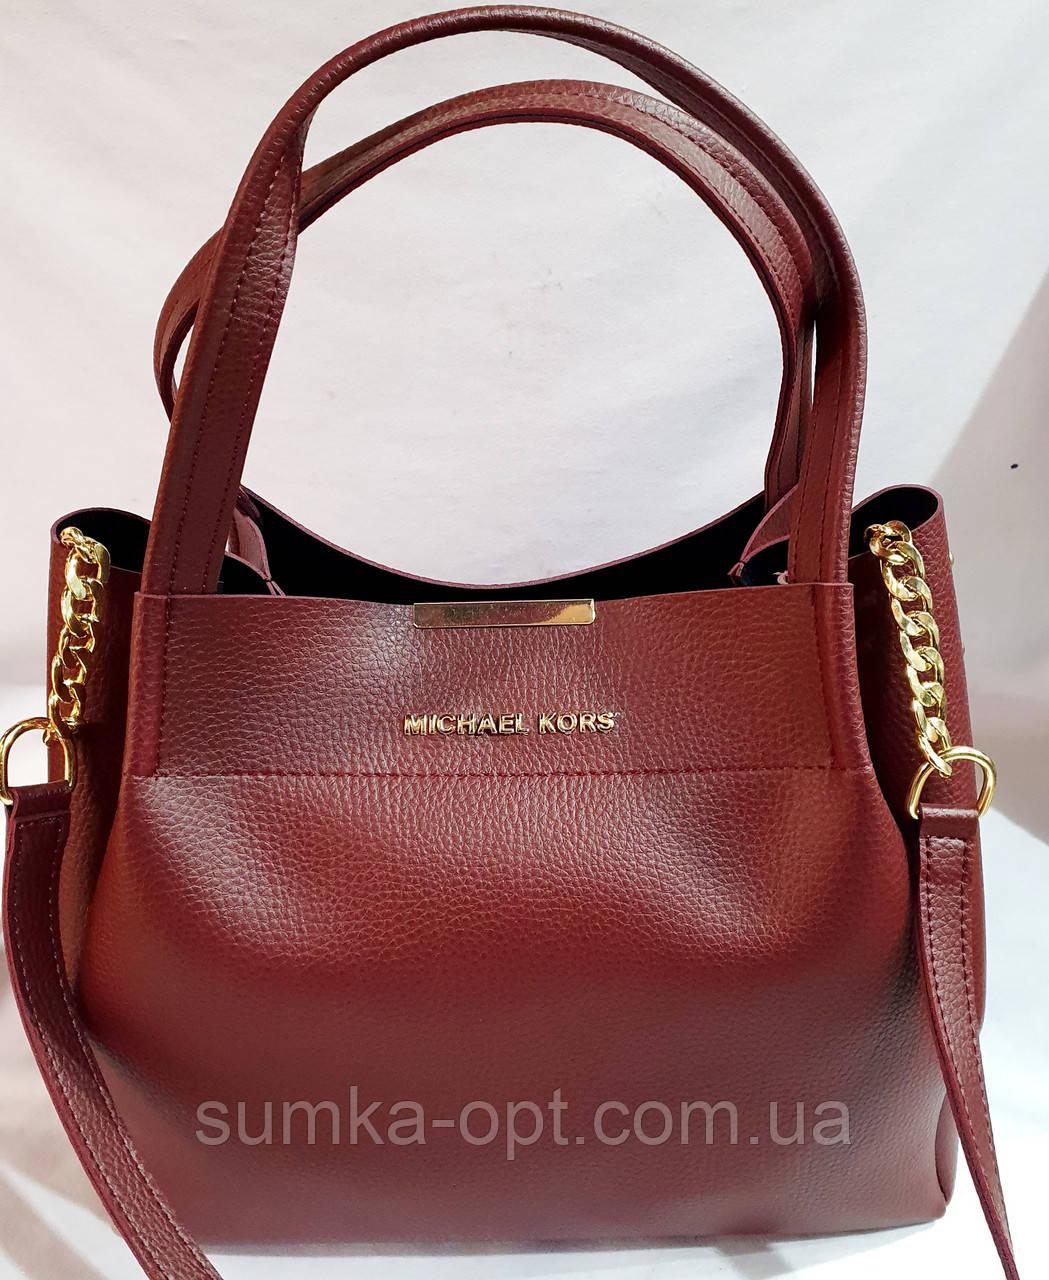 Брендовая женская сумка Michael Kors бордовая  32*29 см